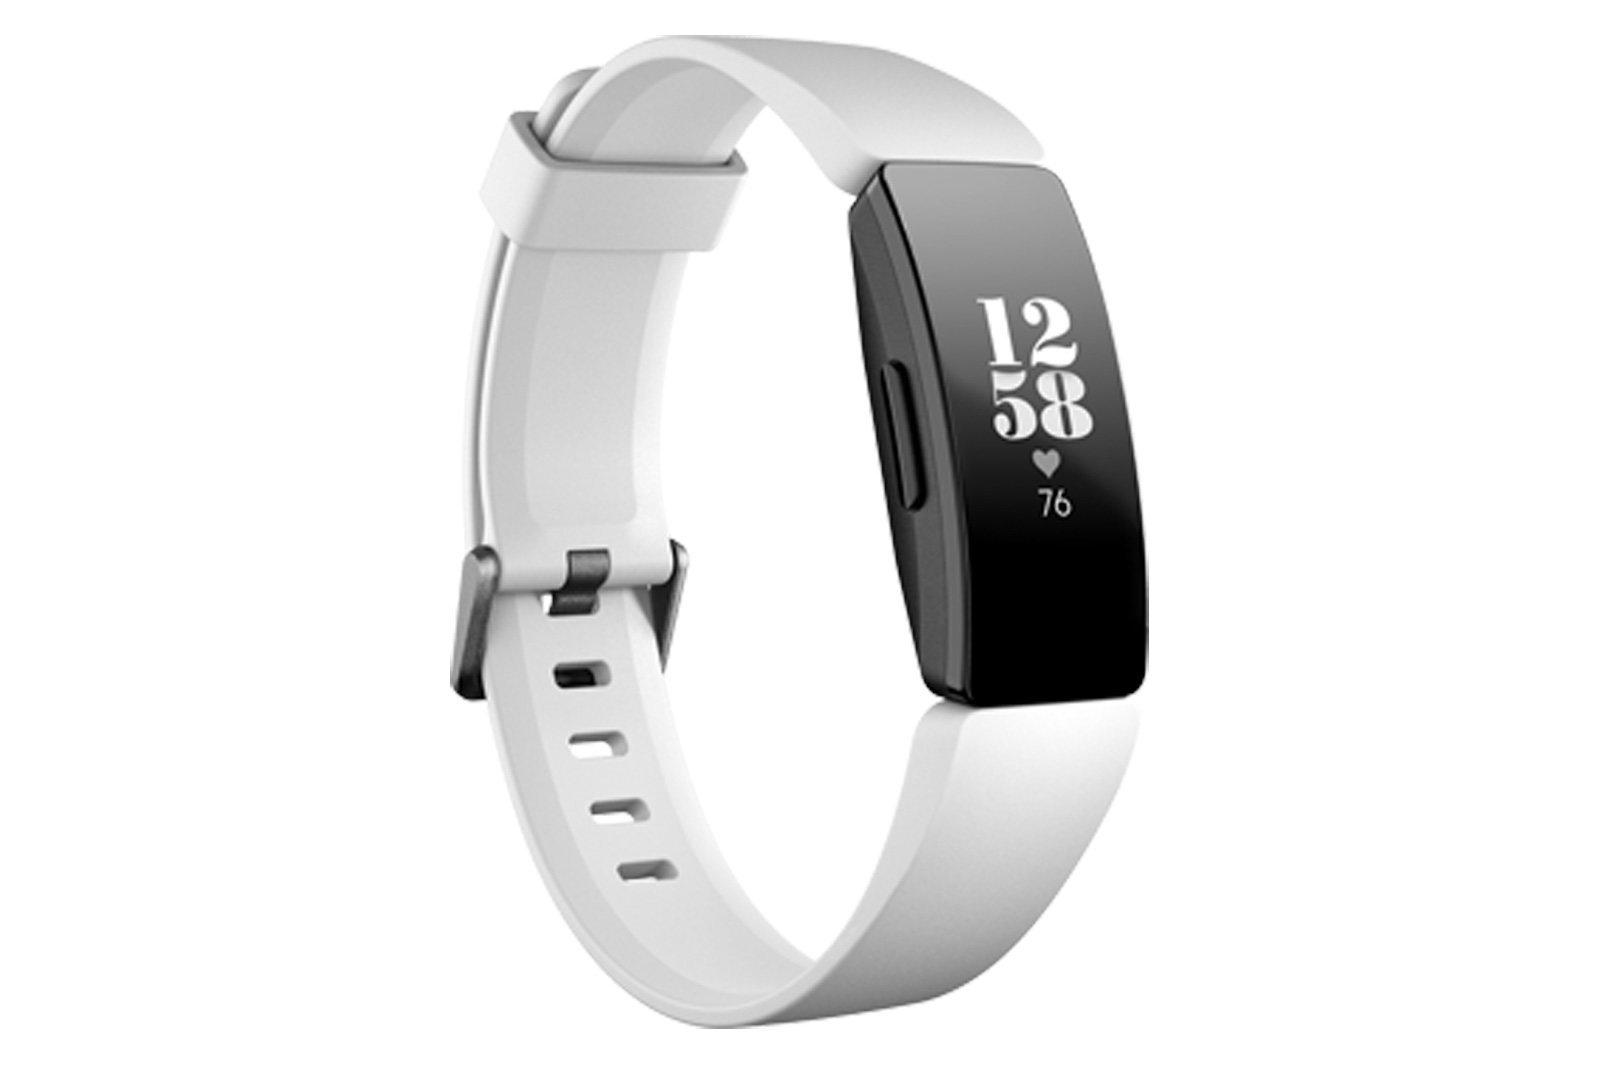 Новые фитнес-браслеты Fitbit не поступят в розничную продажу